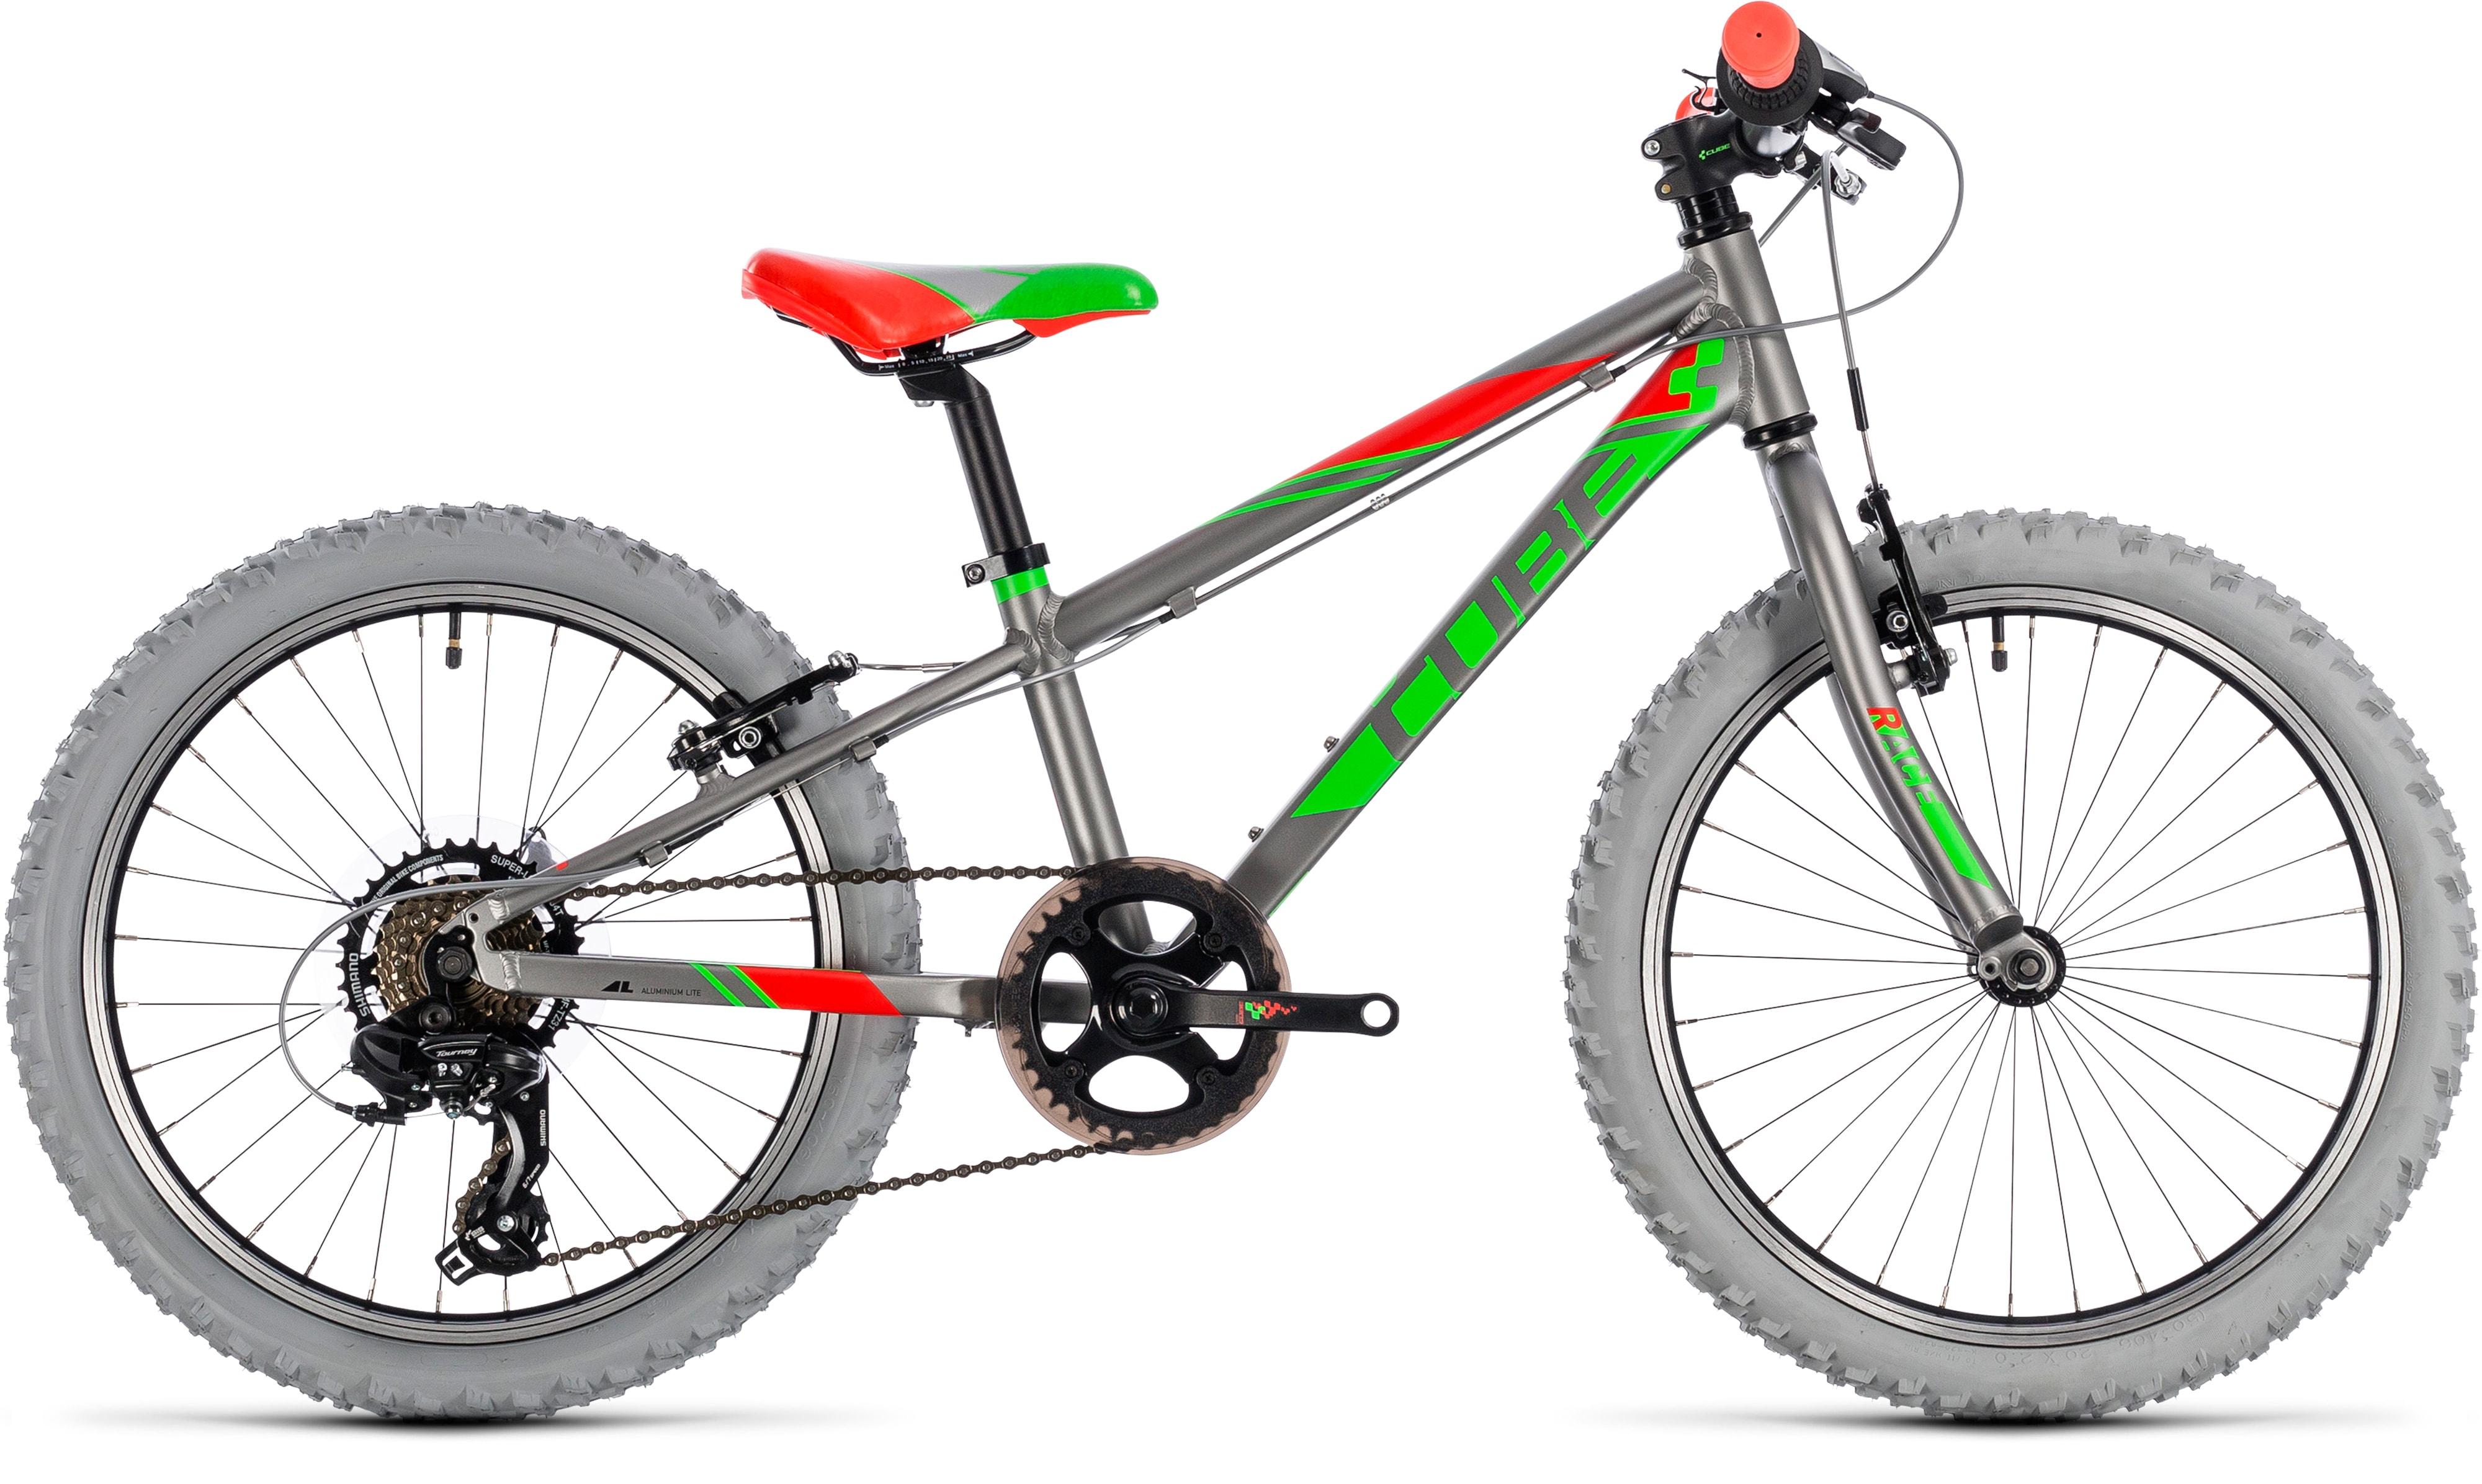 Kids Bikes Page 2 Element Mtb Fullsus Pride 20 Greey Red